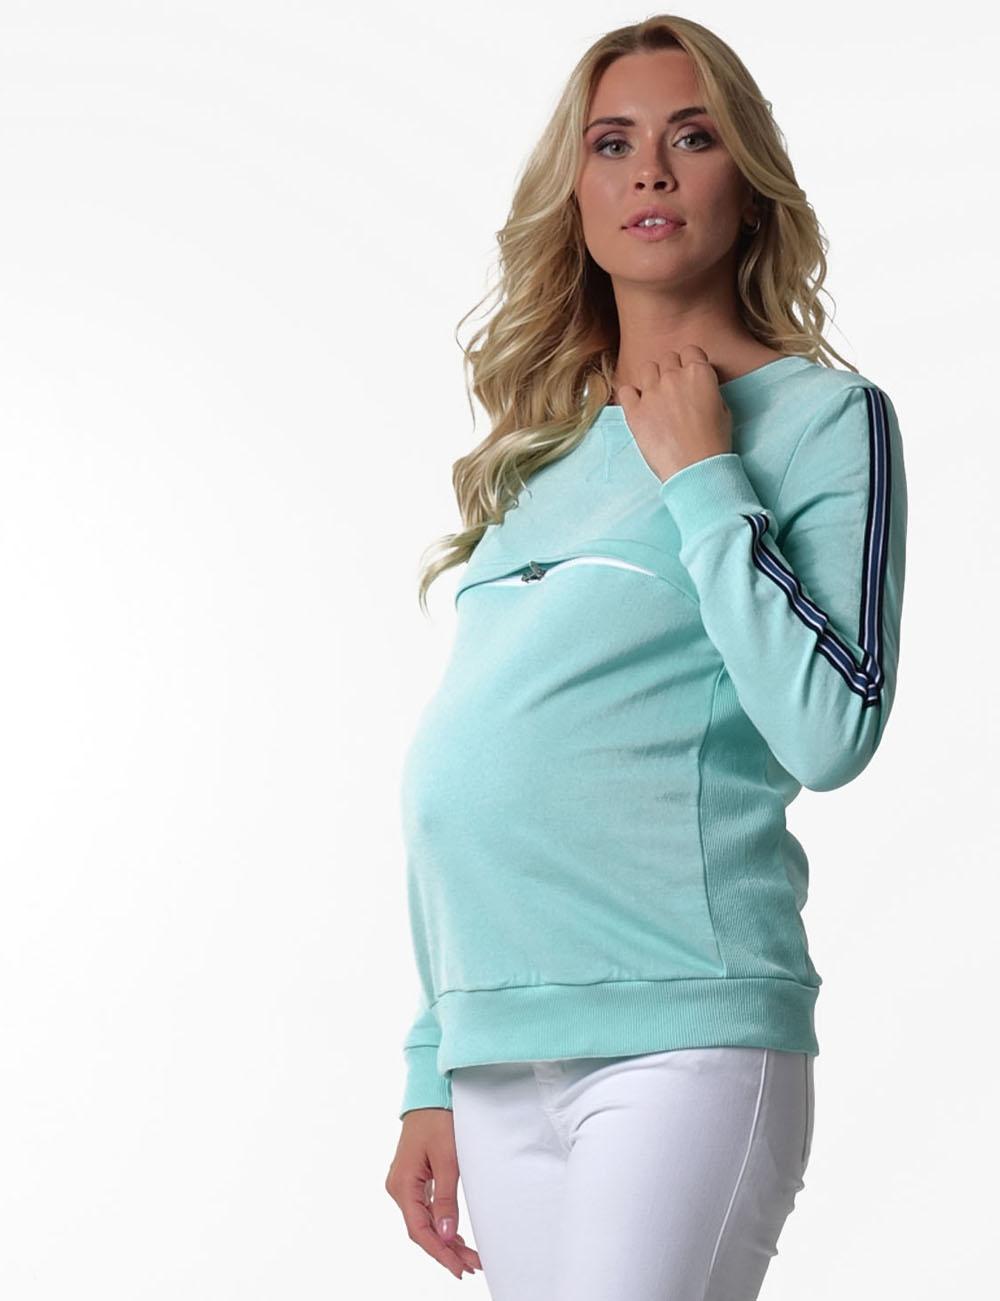 b75735f65163 Толстовка утепл. I love mum Лав ментол для беременных и кормящих в ...